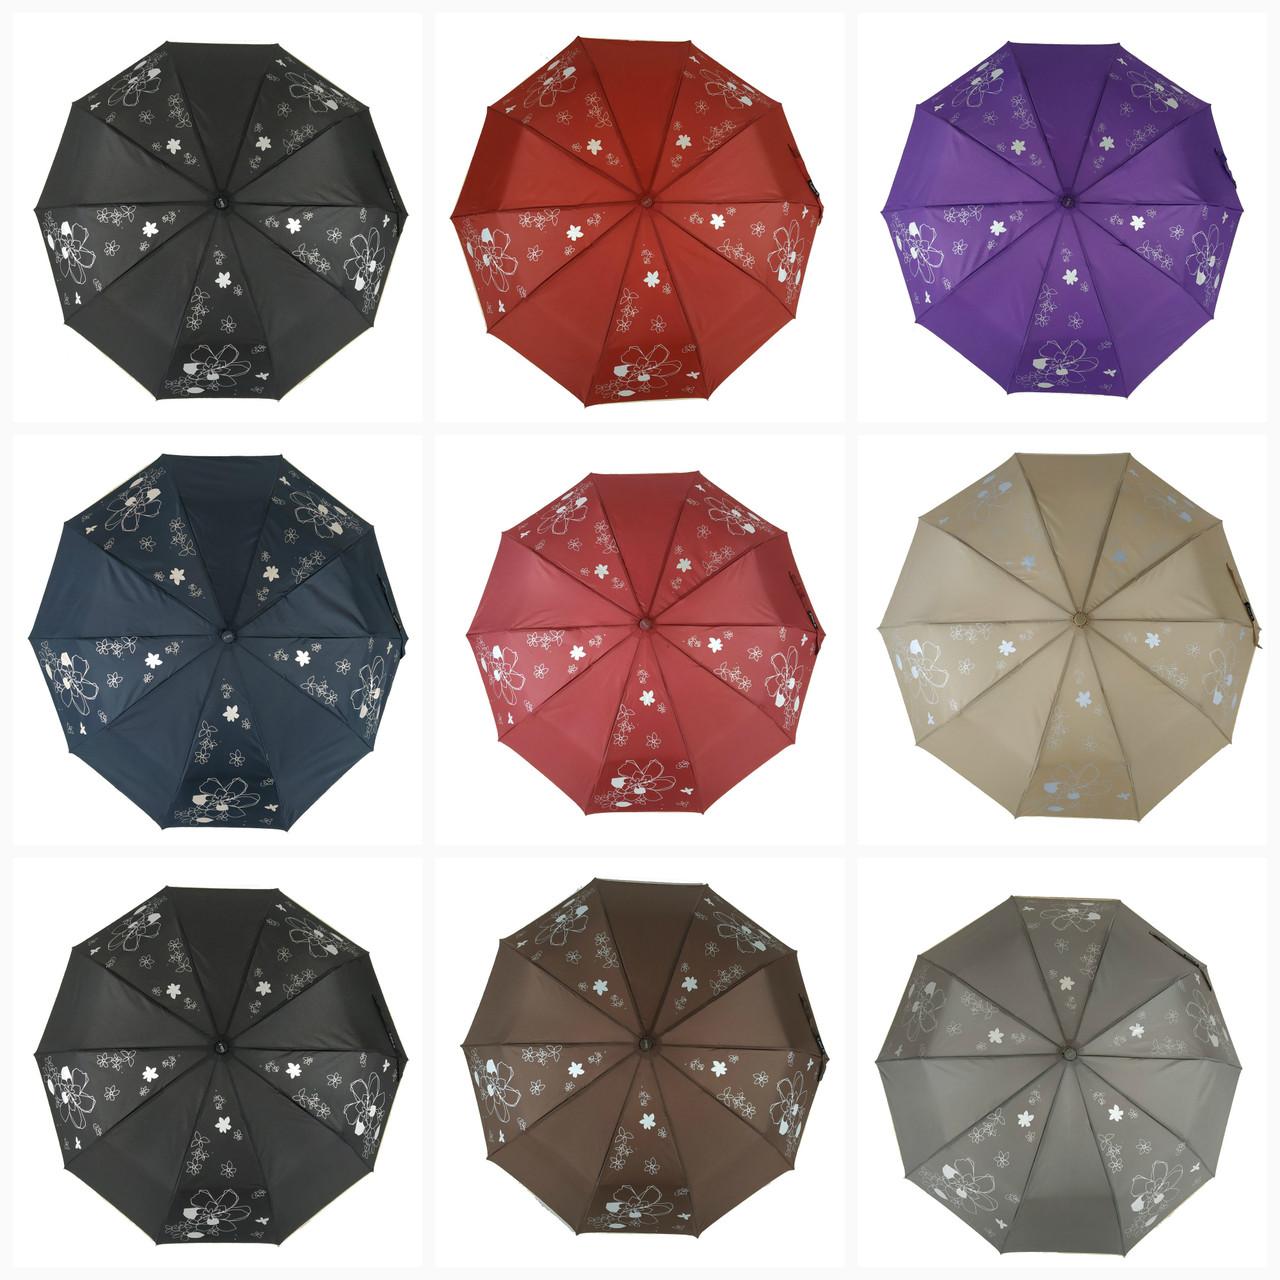 """Женский зонт полуавтомат на 10 спиц Max, модель """"Lilu"""", с изображением цветов, 114"""